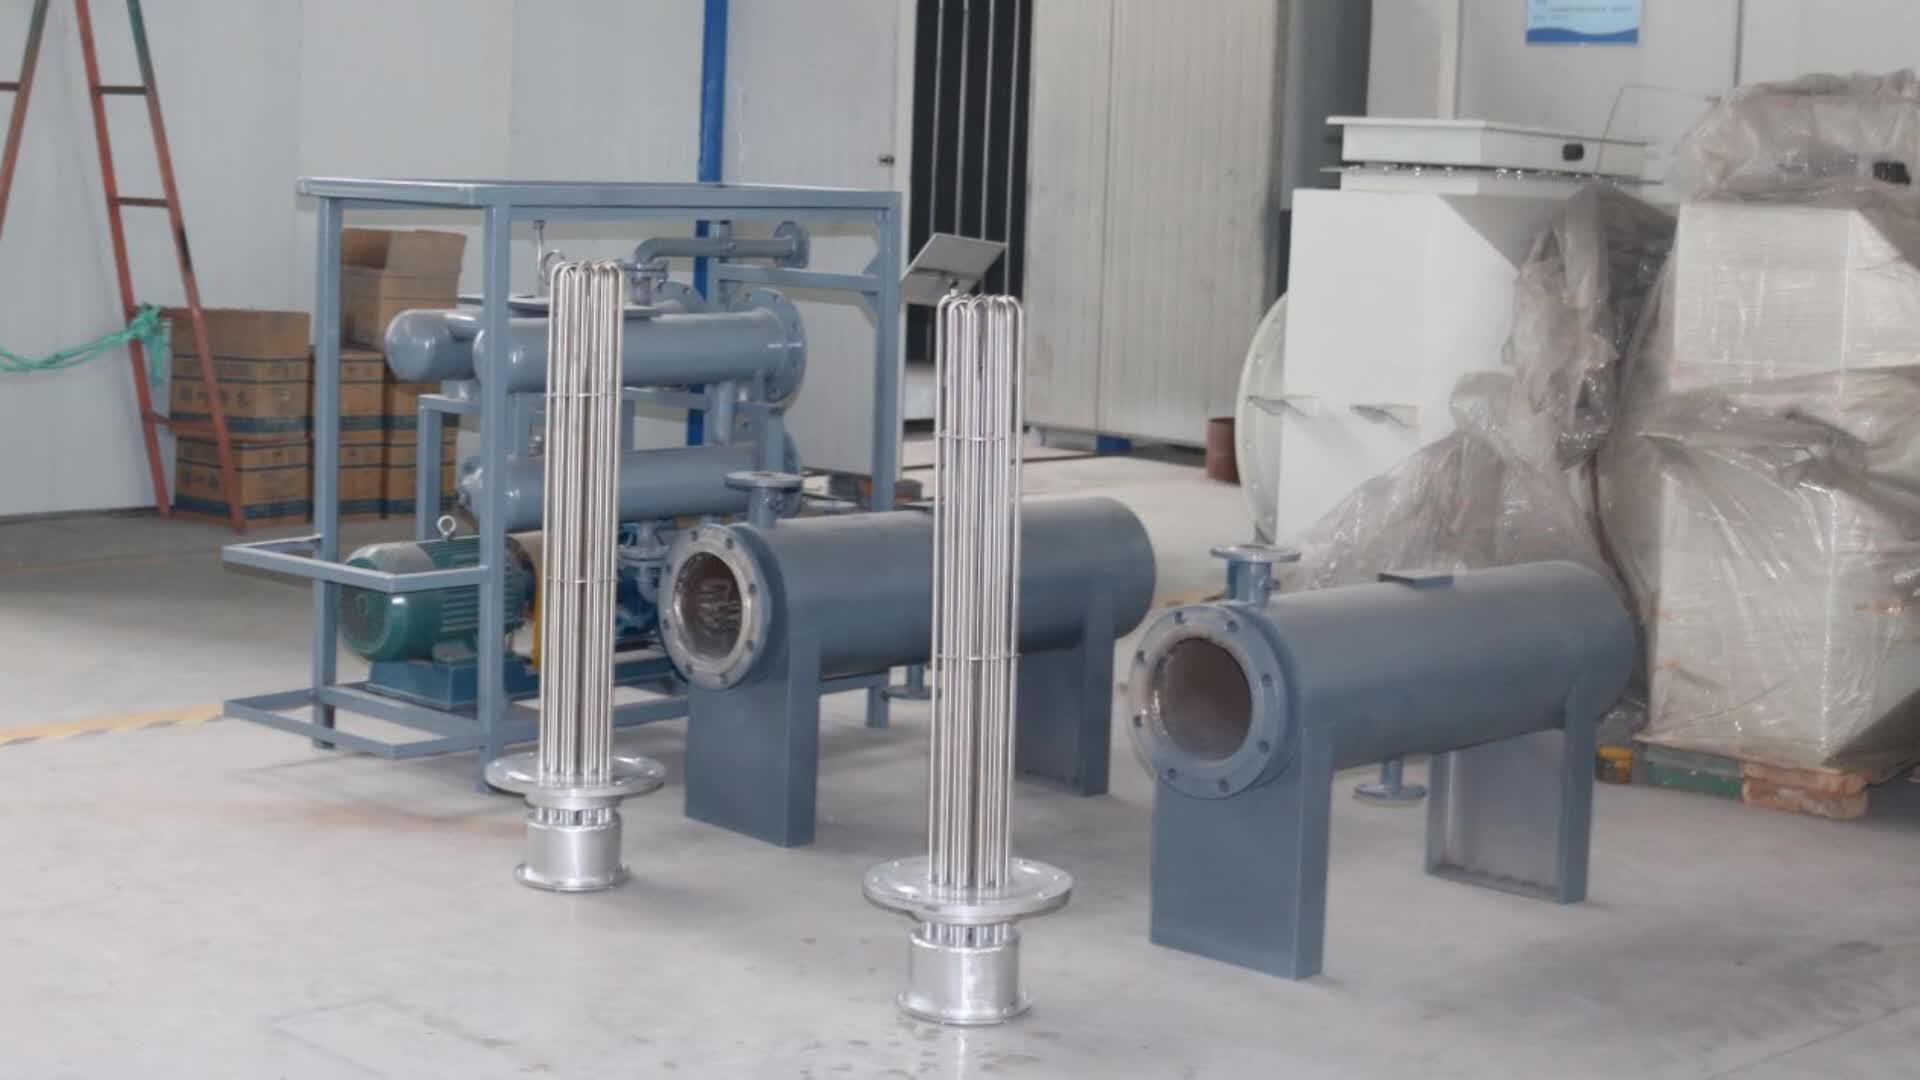 Explosion-Proof elektrische industrie horizontale pipeline zirkulation heizung